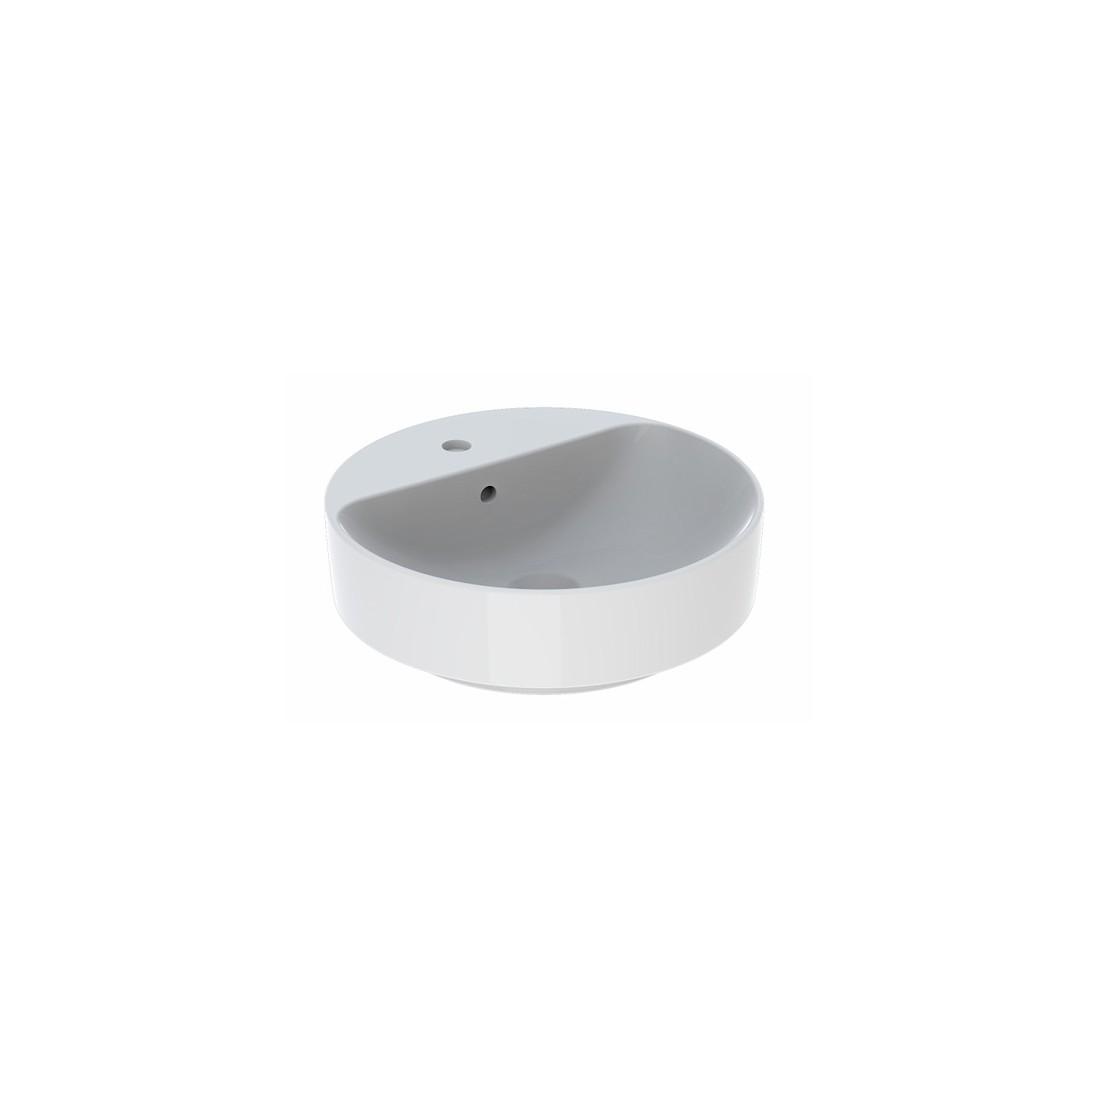 Praustuvas pastatomas VariForm 45 cm, apvalus, su persipylimu, skyle maišytuvui,baltas